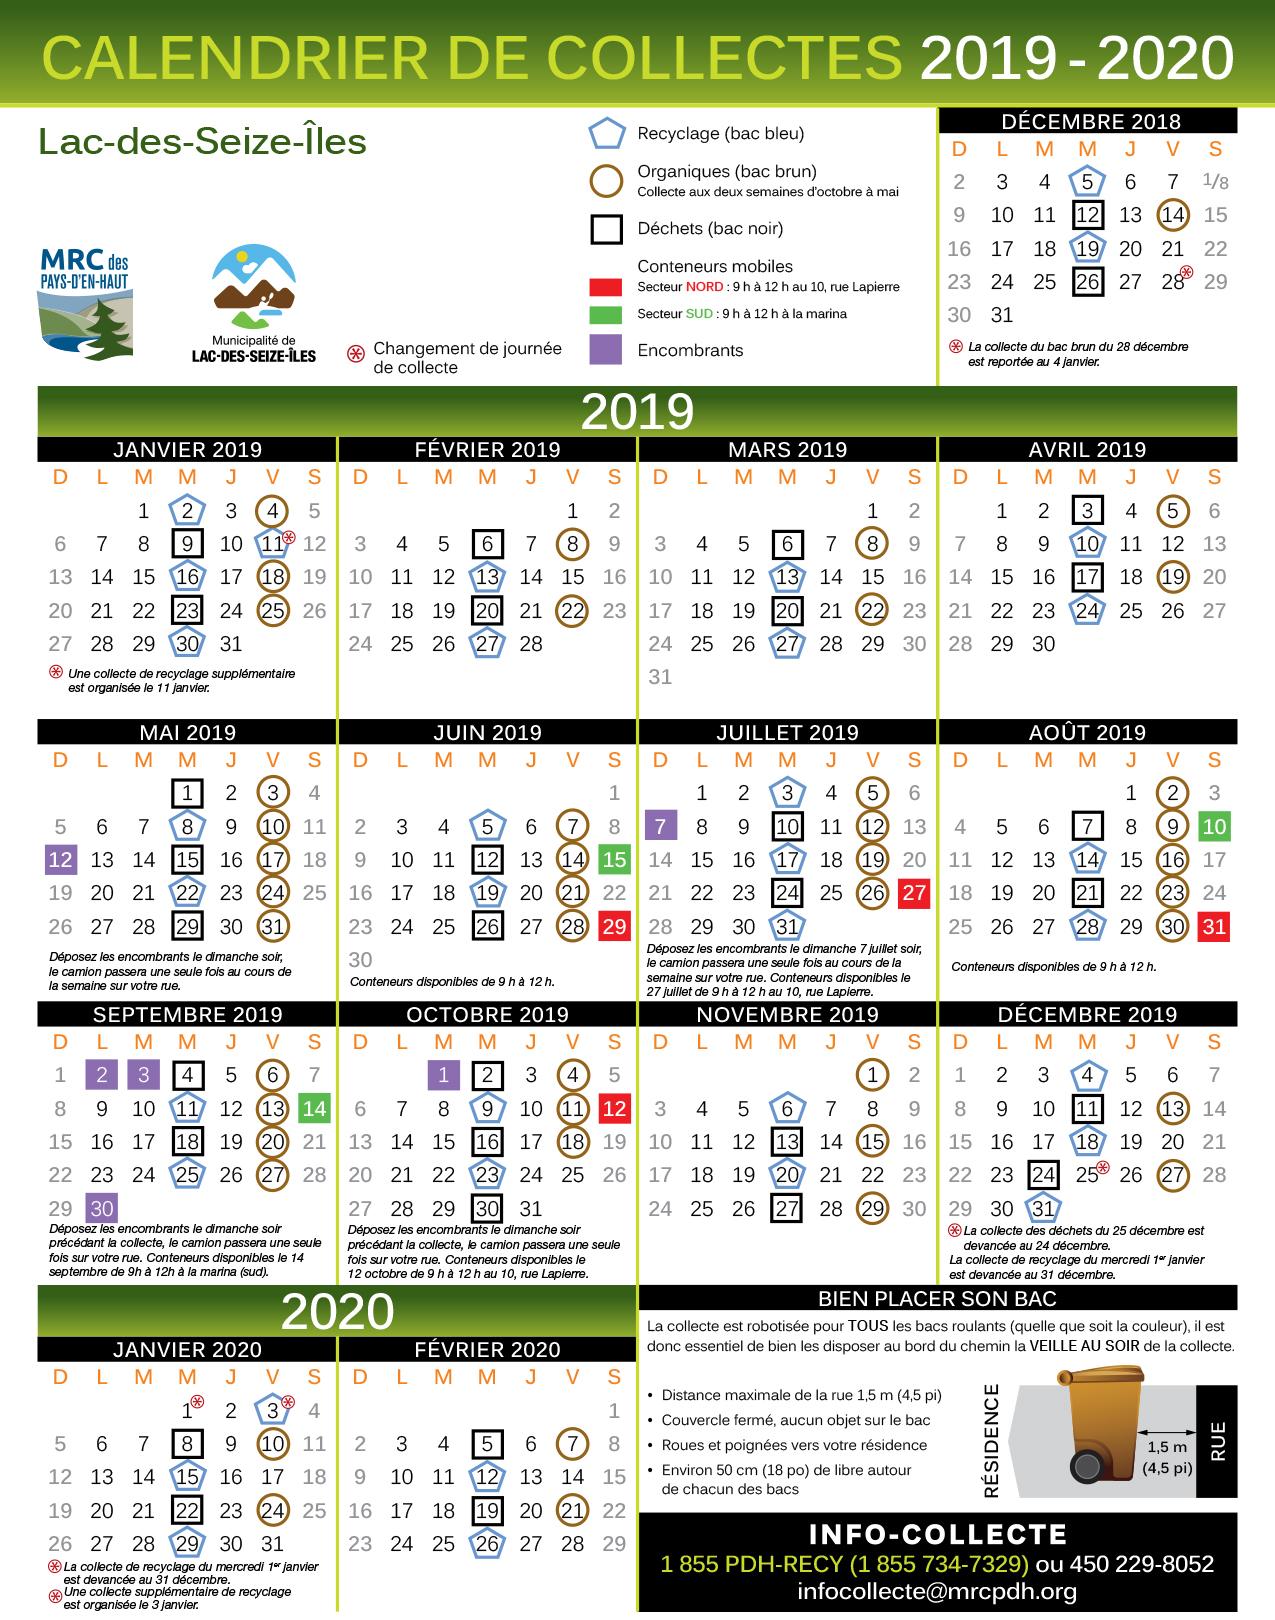 Calendrier Collectes 2019-20 Lac-des-Seize-Îles